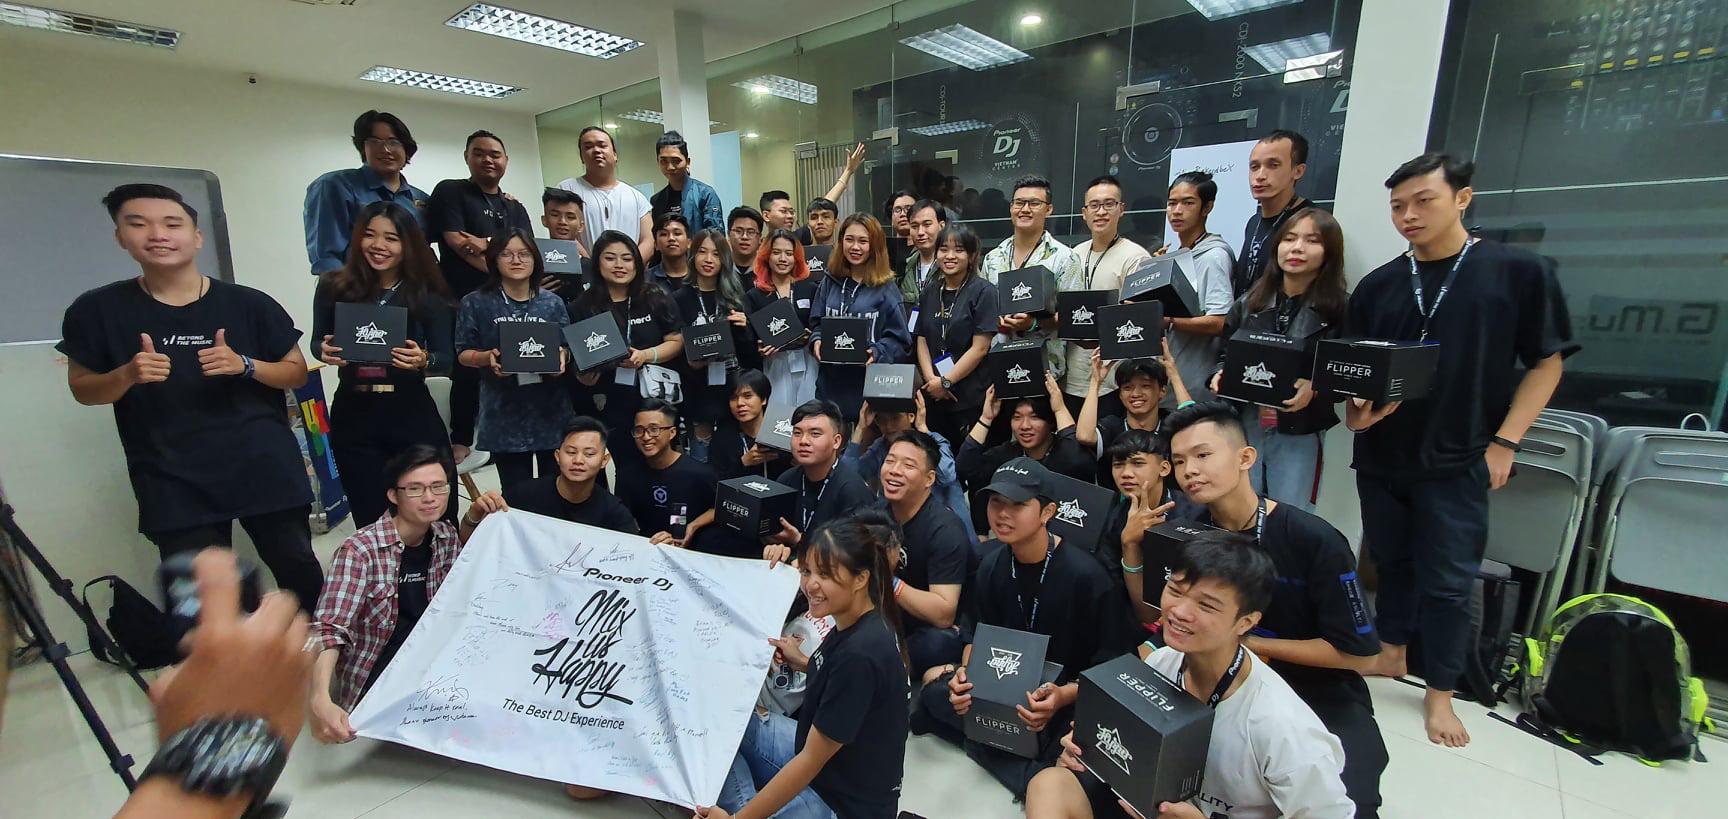 Đêm chung kết Mix Us Happy Vietnam - hành trình âm nhạc mơ ước dành cho tất cả mọi người - Ảnh 1.